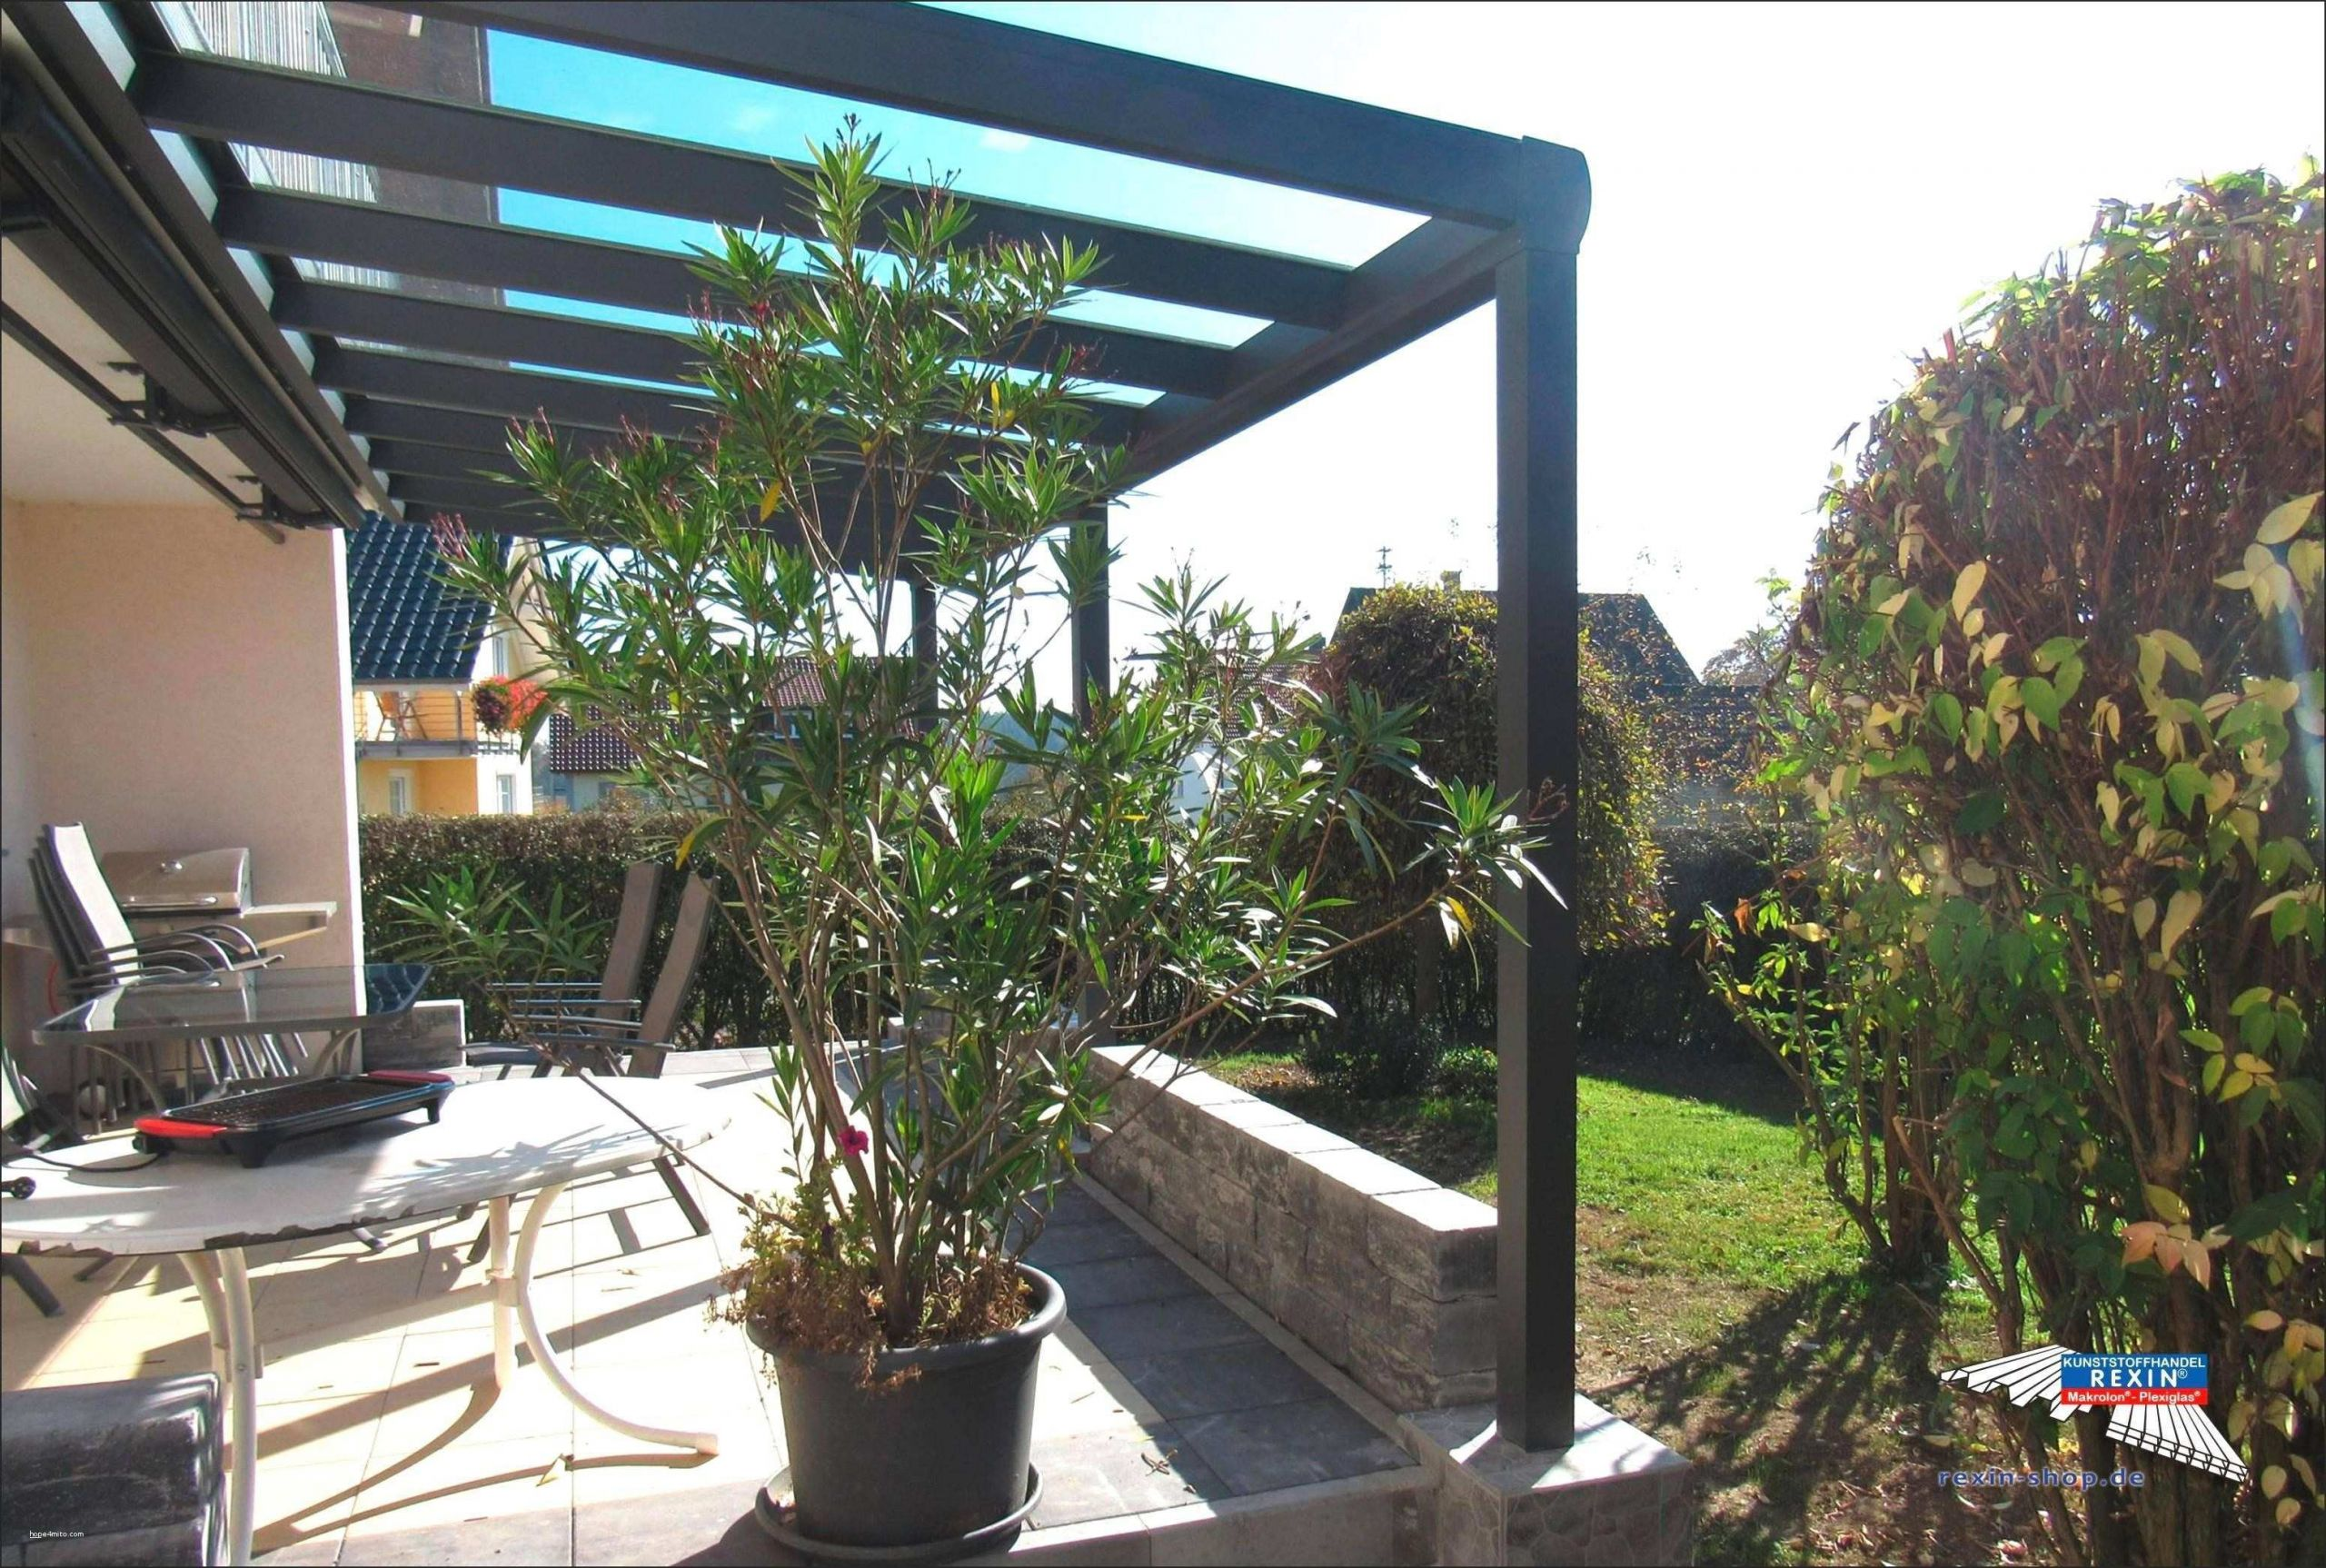 Weinkisten Deko Garten Inspirierend Paravent Garten Wetterfest Simple Paravent Garten